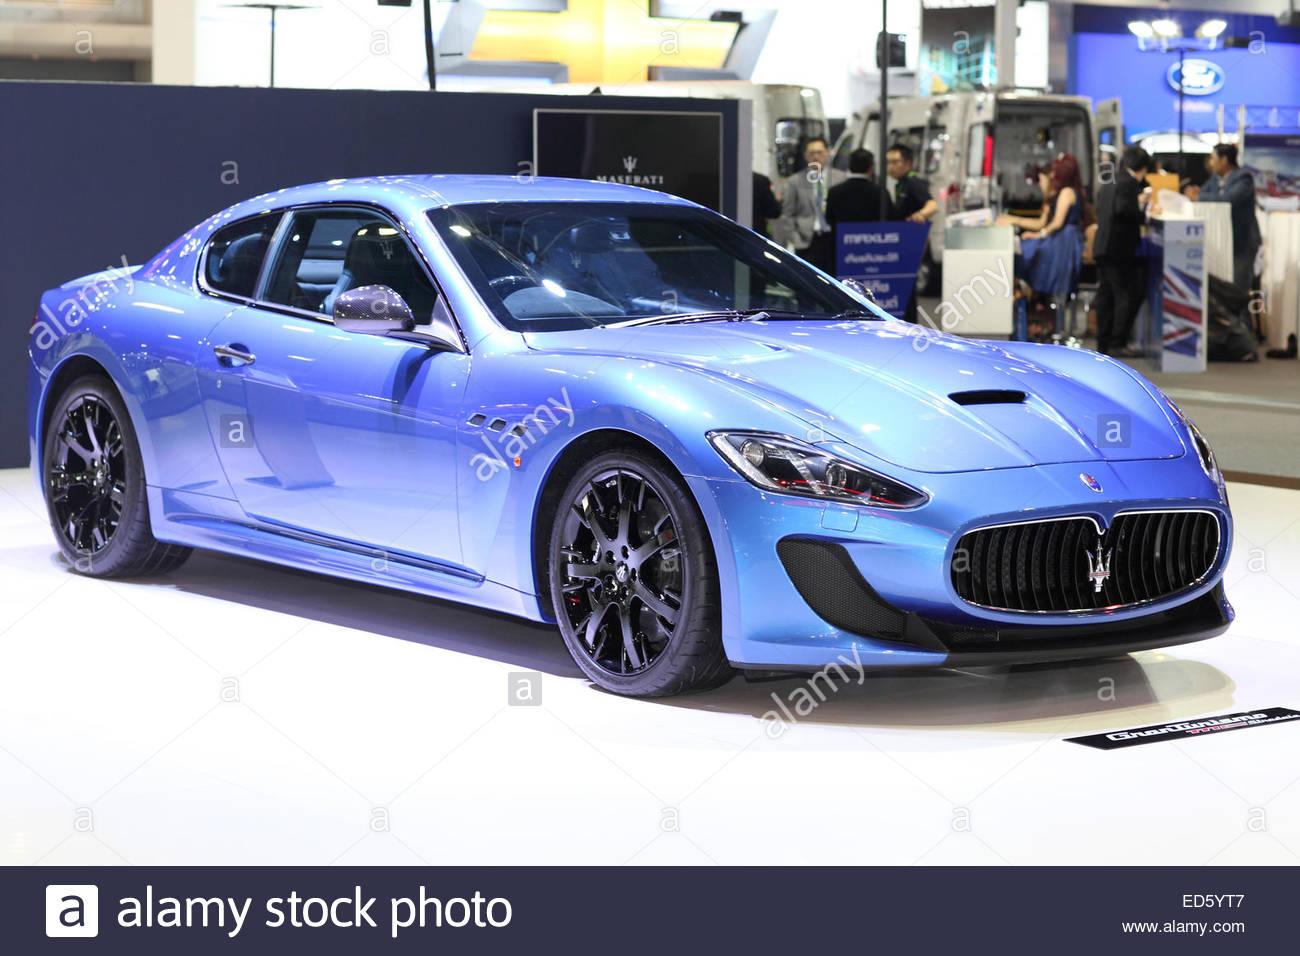 BANGKOK - November 28: Image zoom of Maserati car on display at The Motor Expo 2014 on November 28, 2014 in Bangkok, - Stock Image